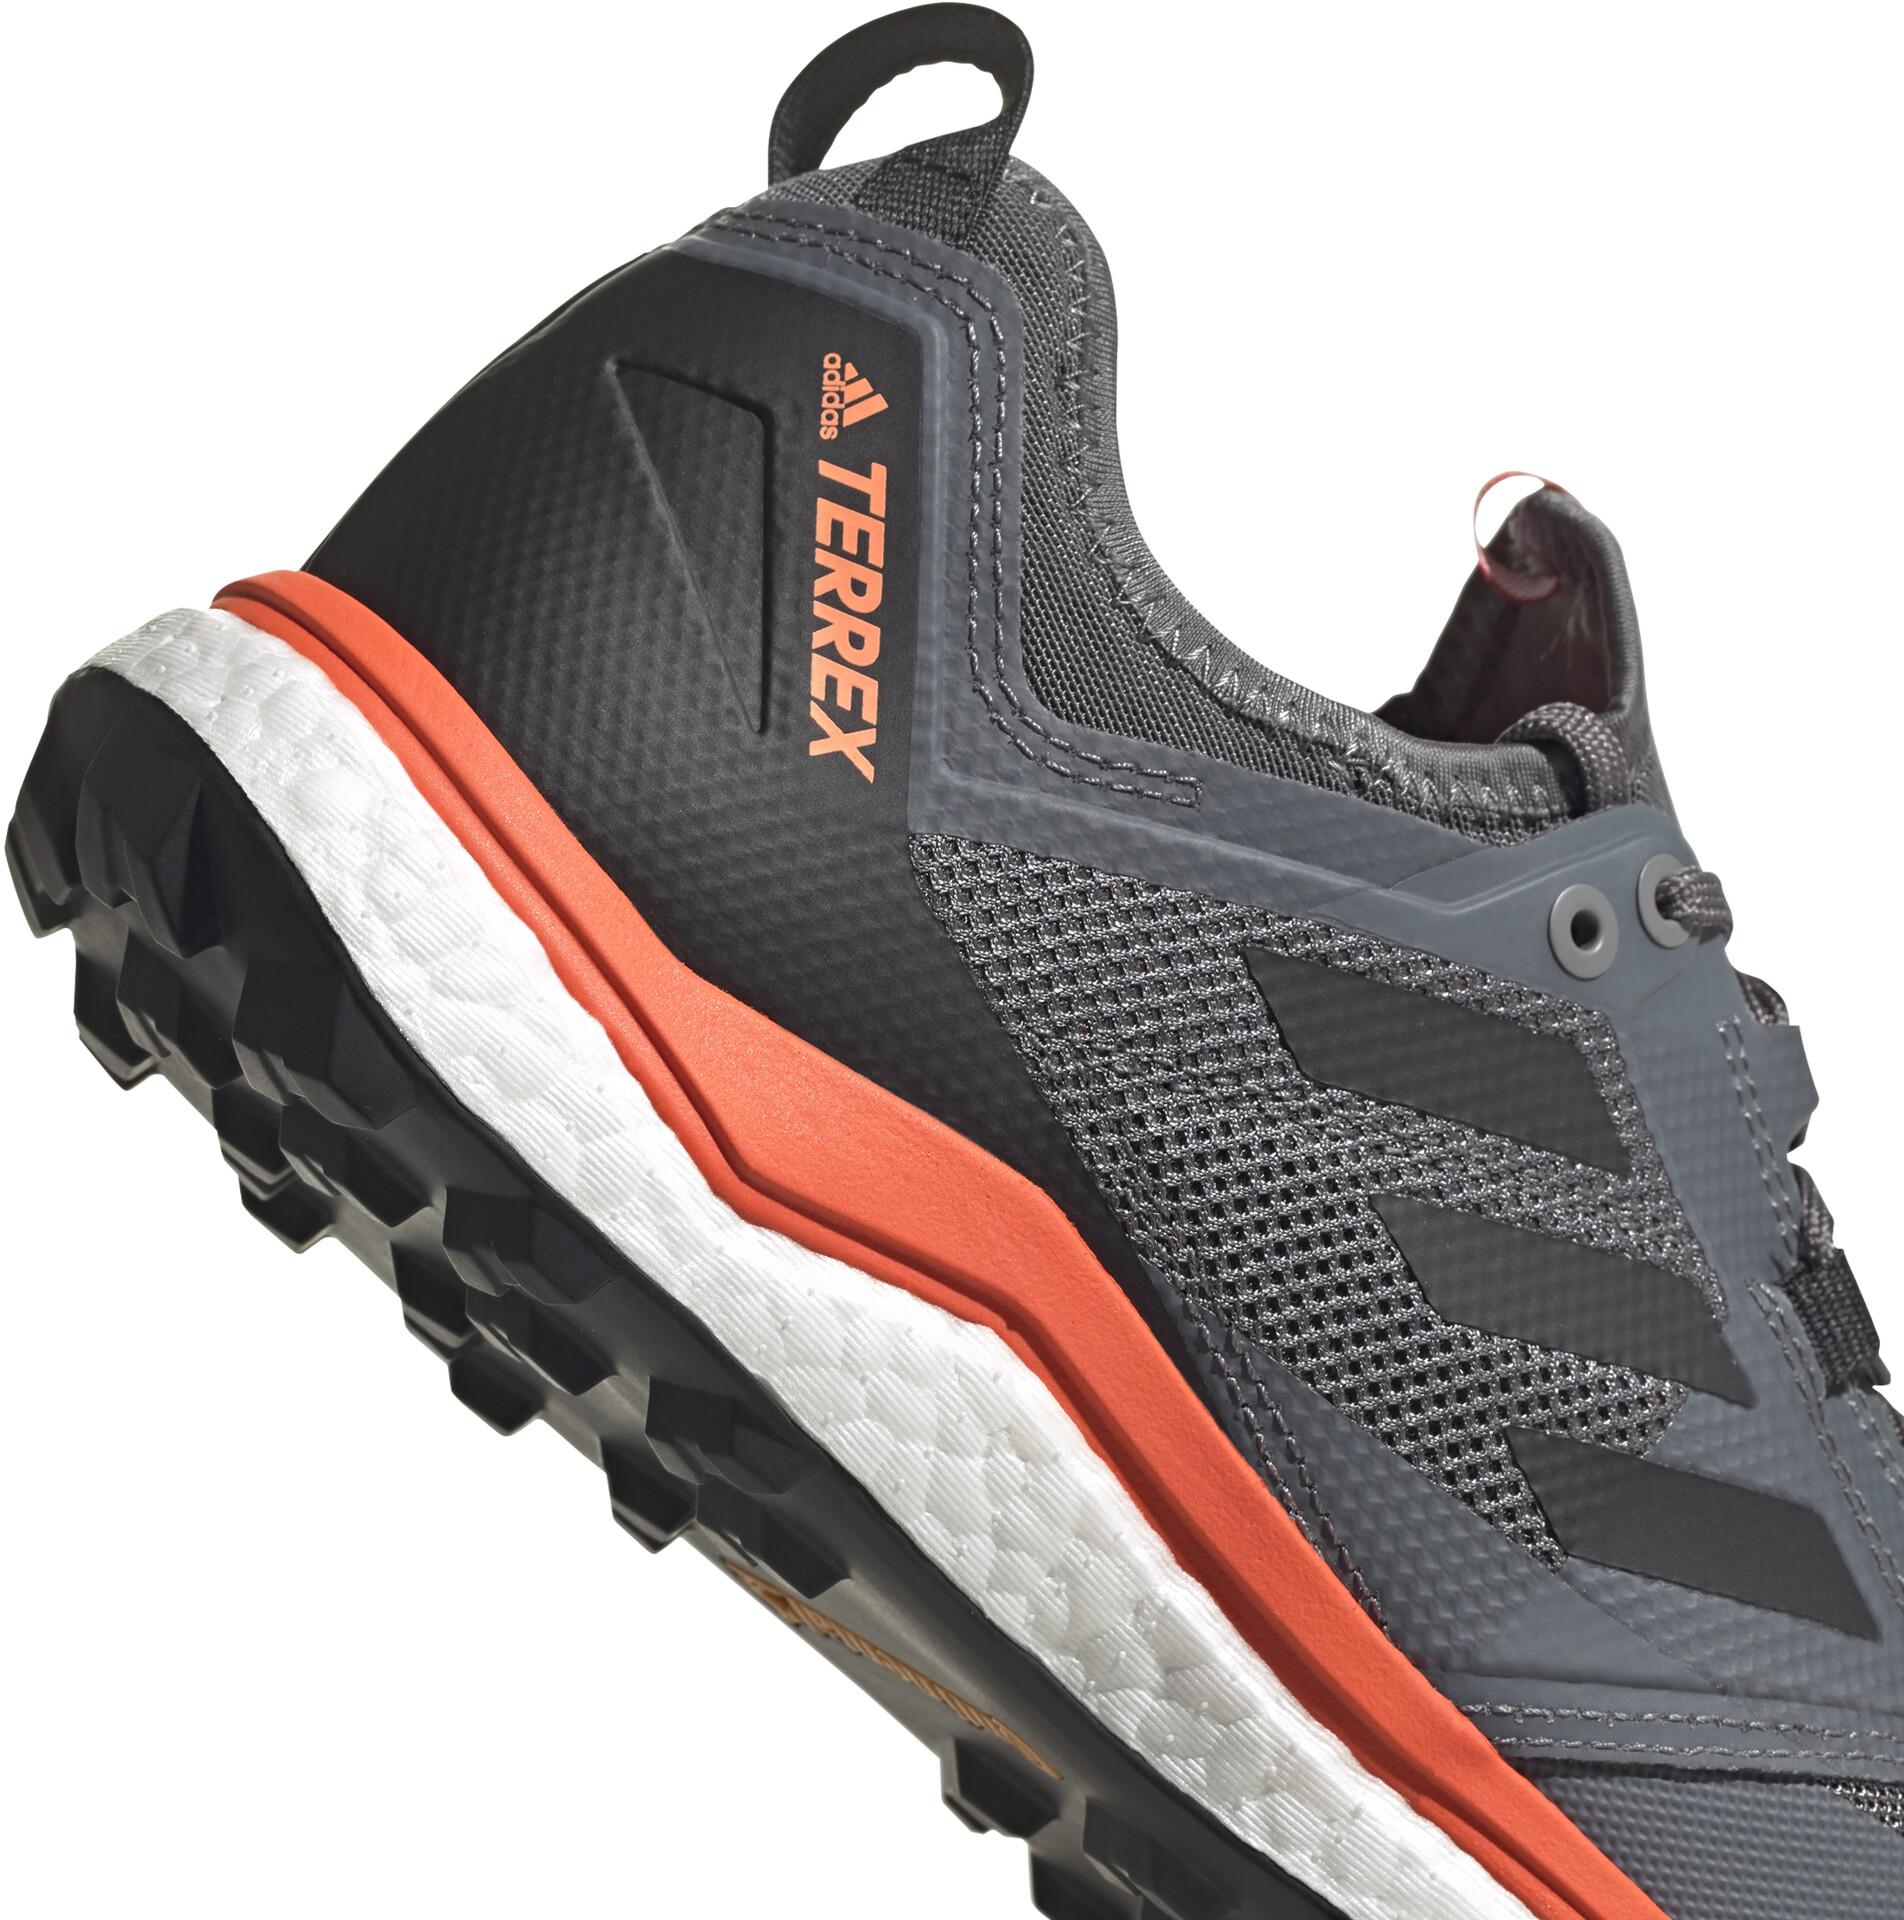 Adidas Terrex Agravic XT GTX Zustiegsschuh | Ausrüstung fürs Klettern Bergsteigen & Outdoor